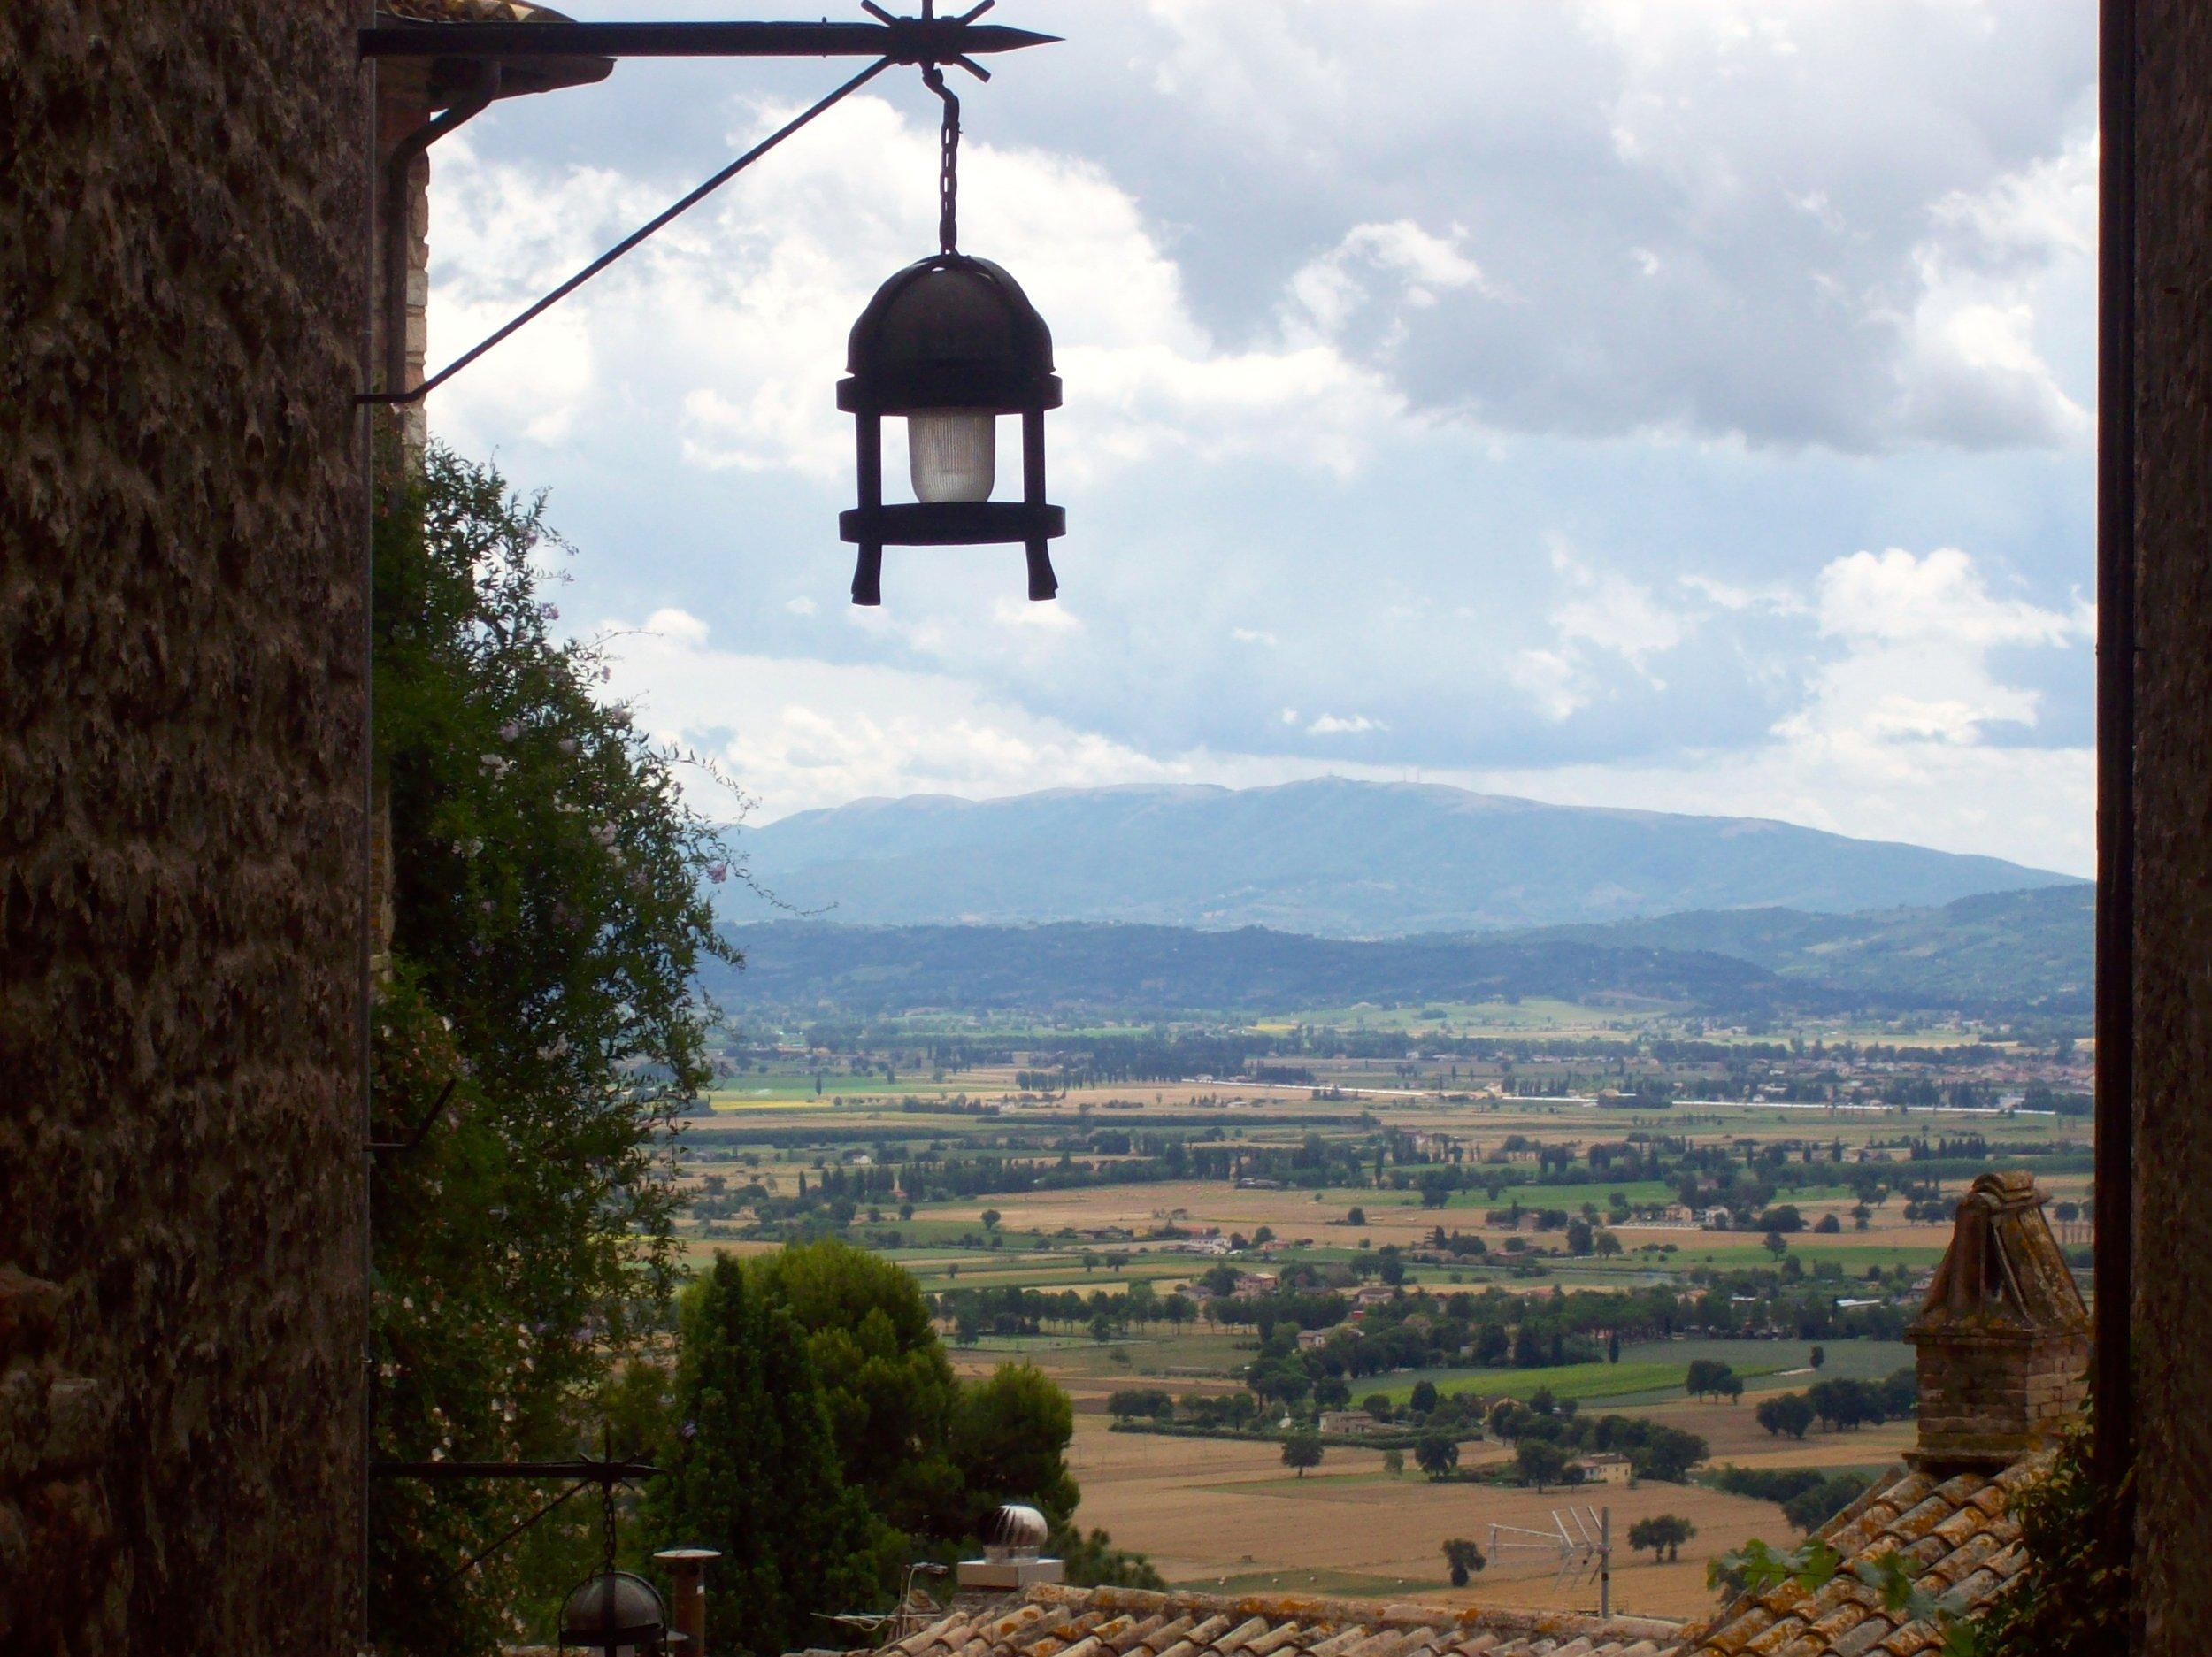 CRO 7-10-14 Italy 2014 - 044.JPG